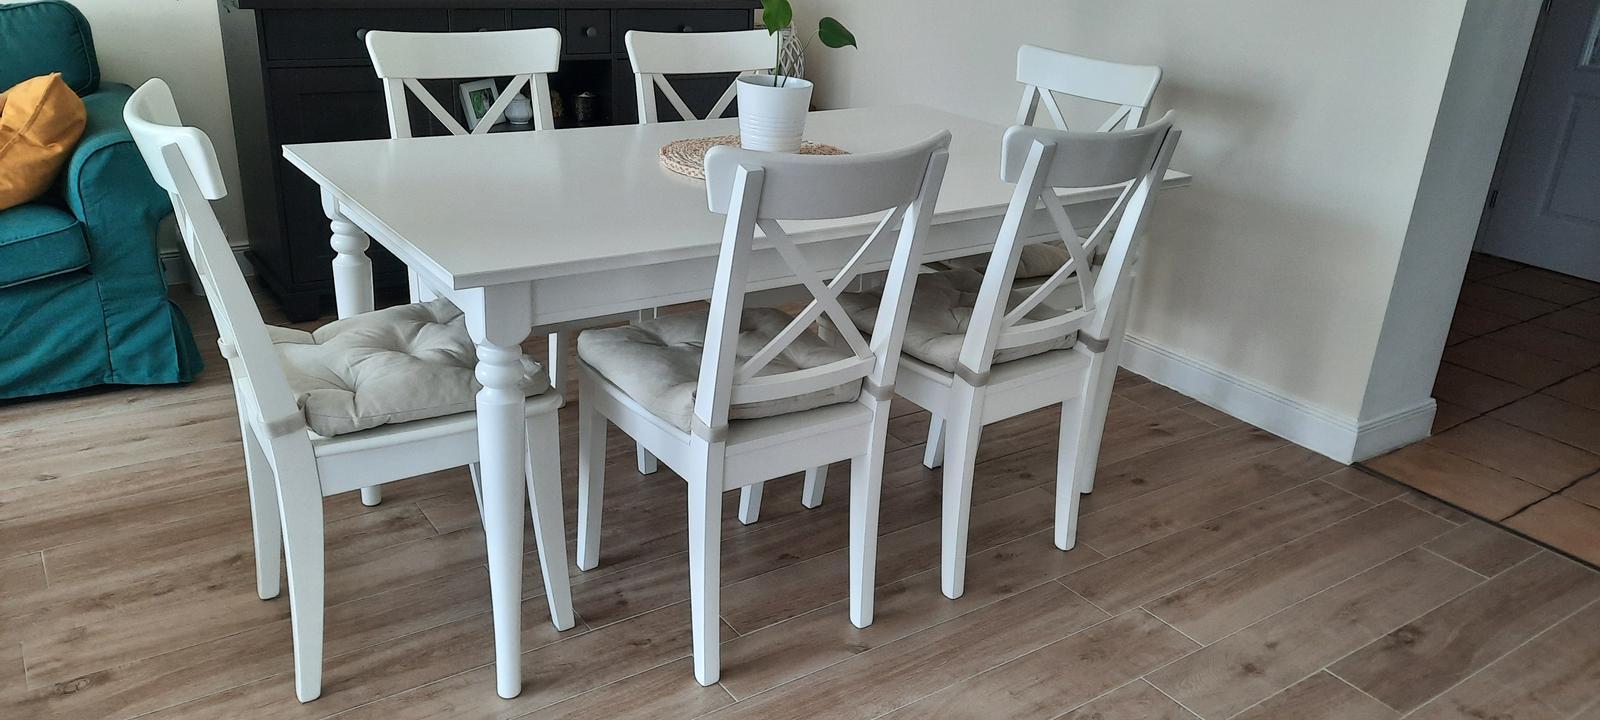 IKEA: jedálenský stôl a stoličky INGATORP/INGOLF - Obrázok č. 2